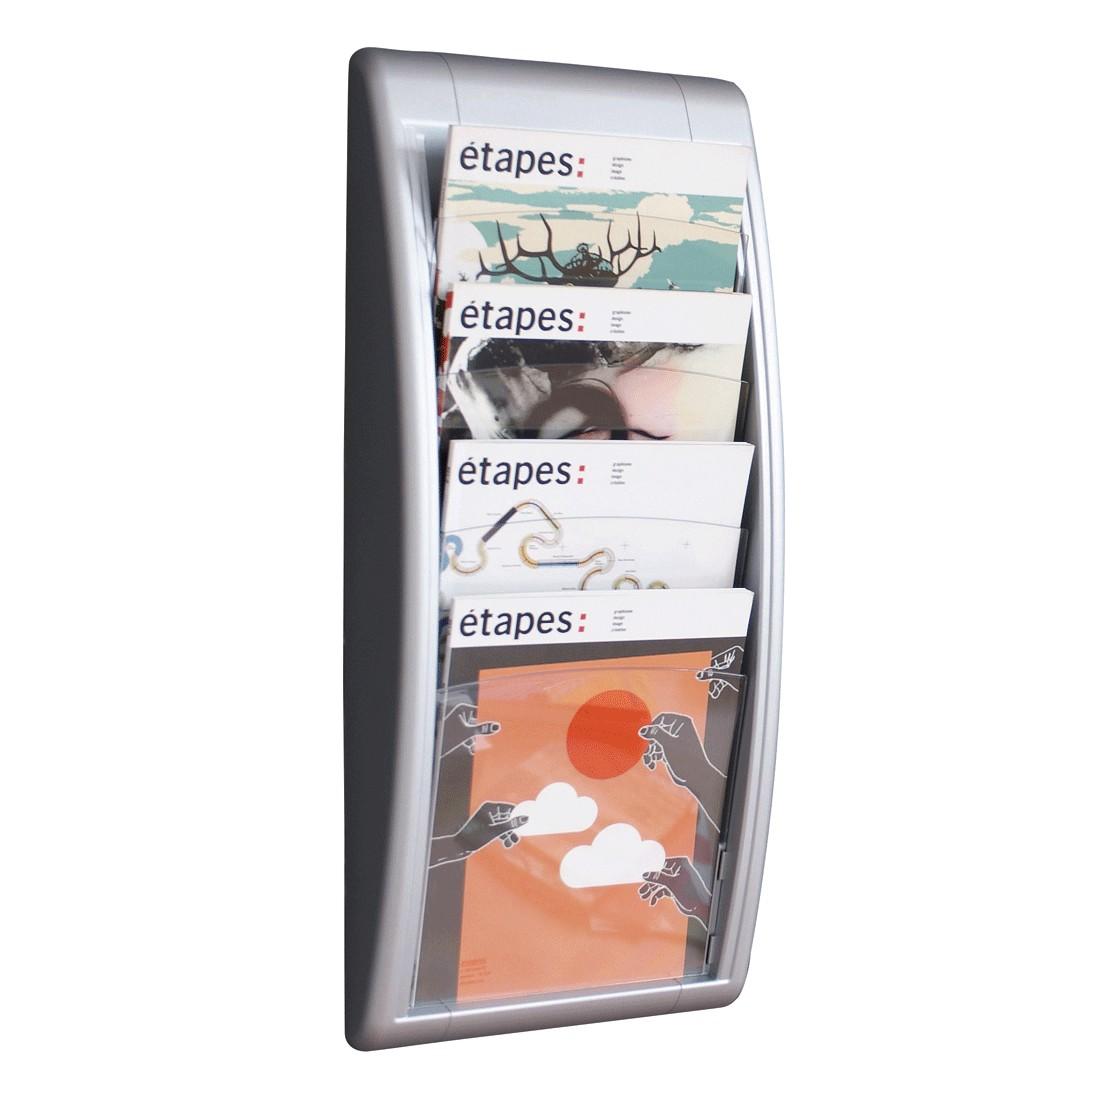 Wandhalter Quick Blick – Polystyrol – Silber – Mittel, PureDay online bestellen